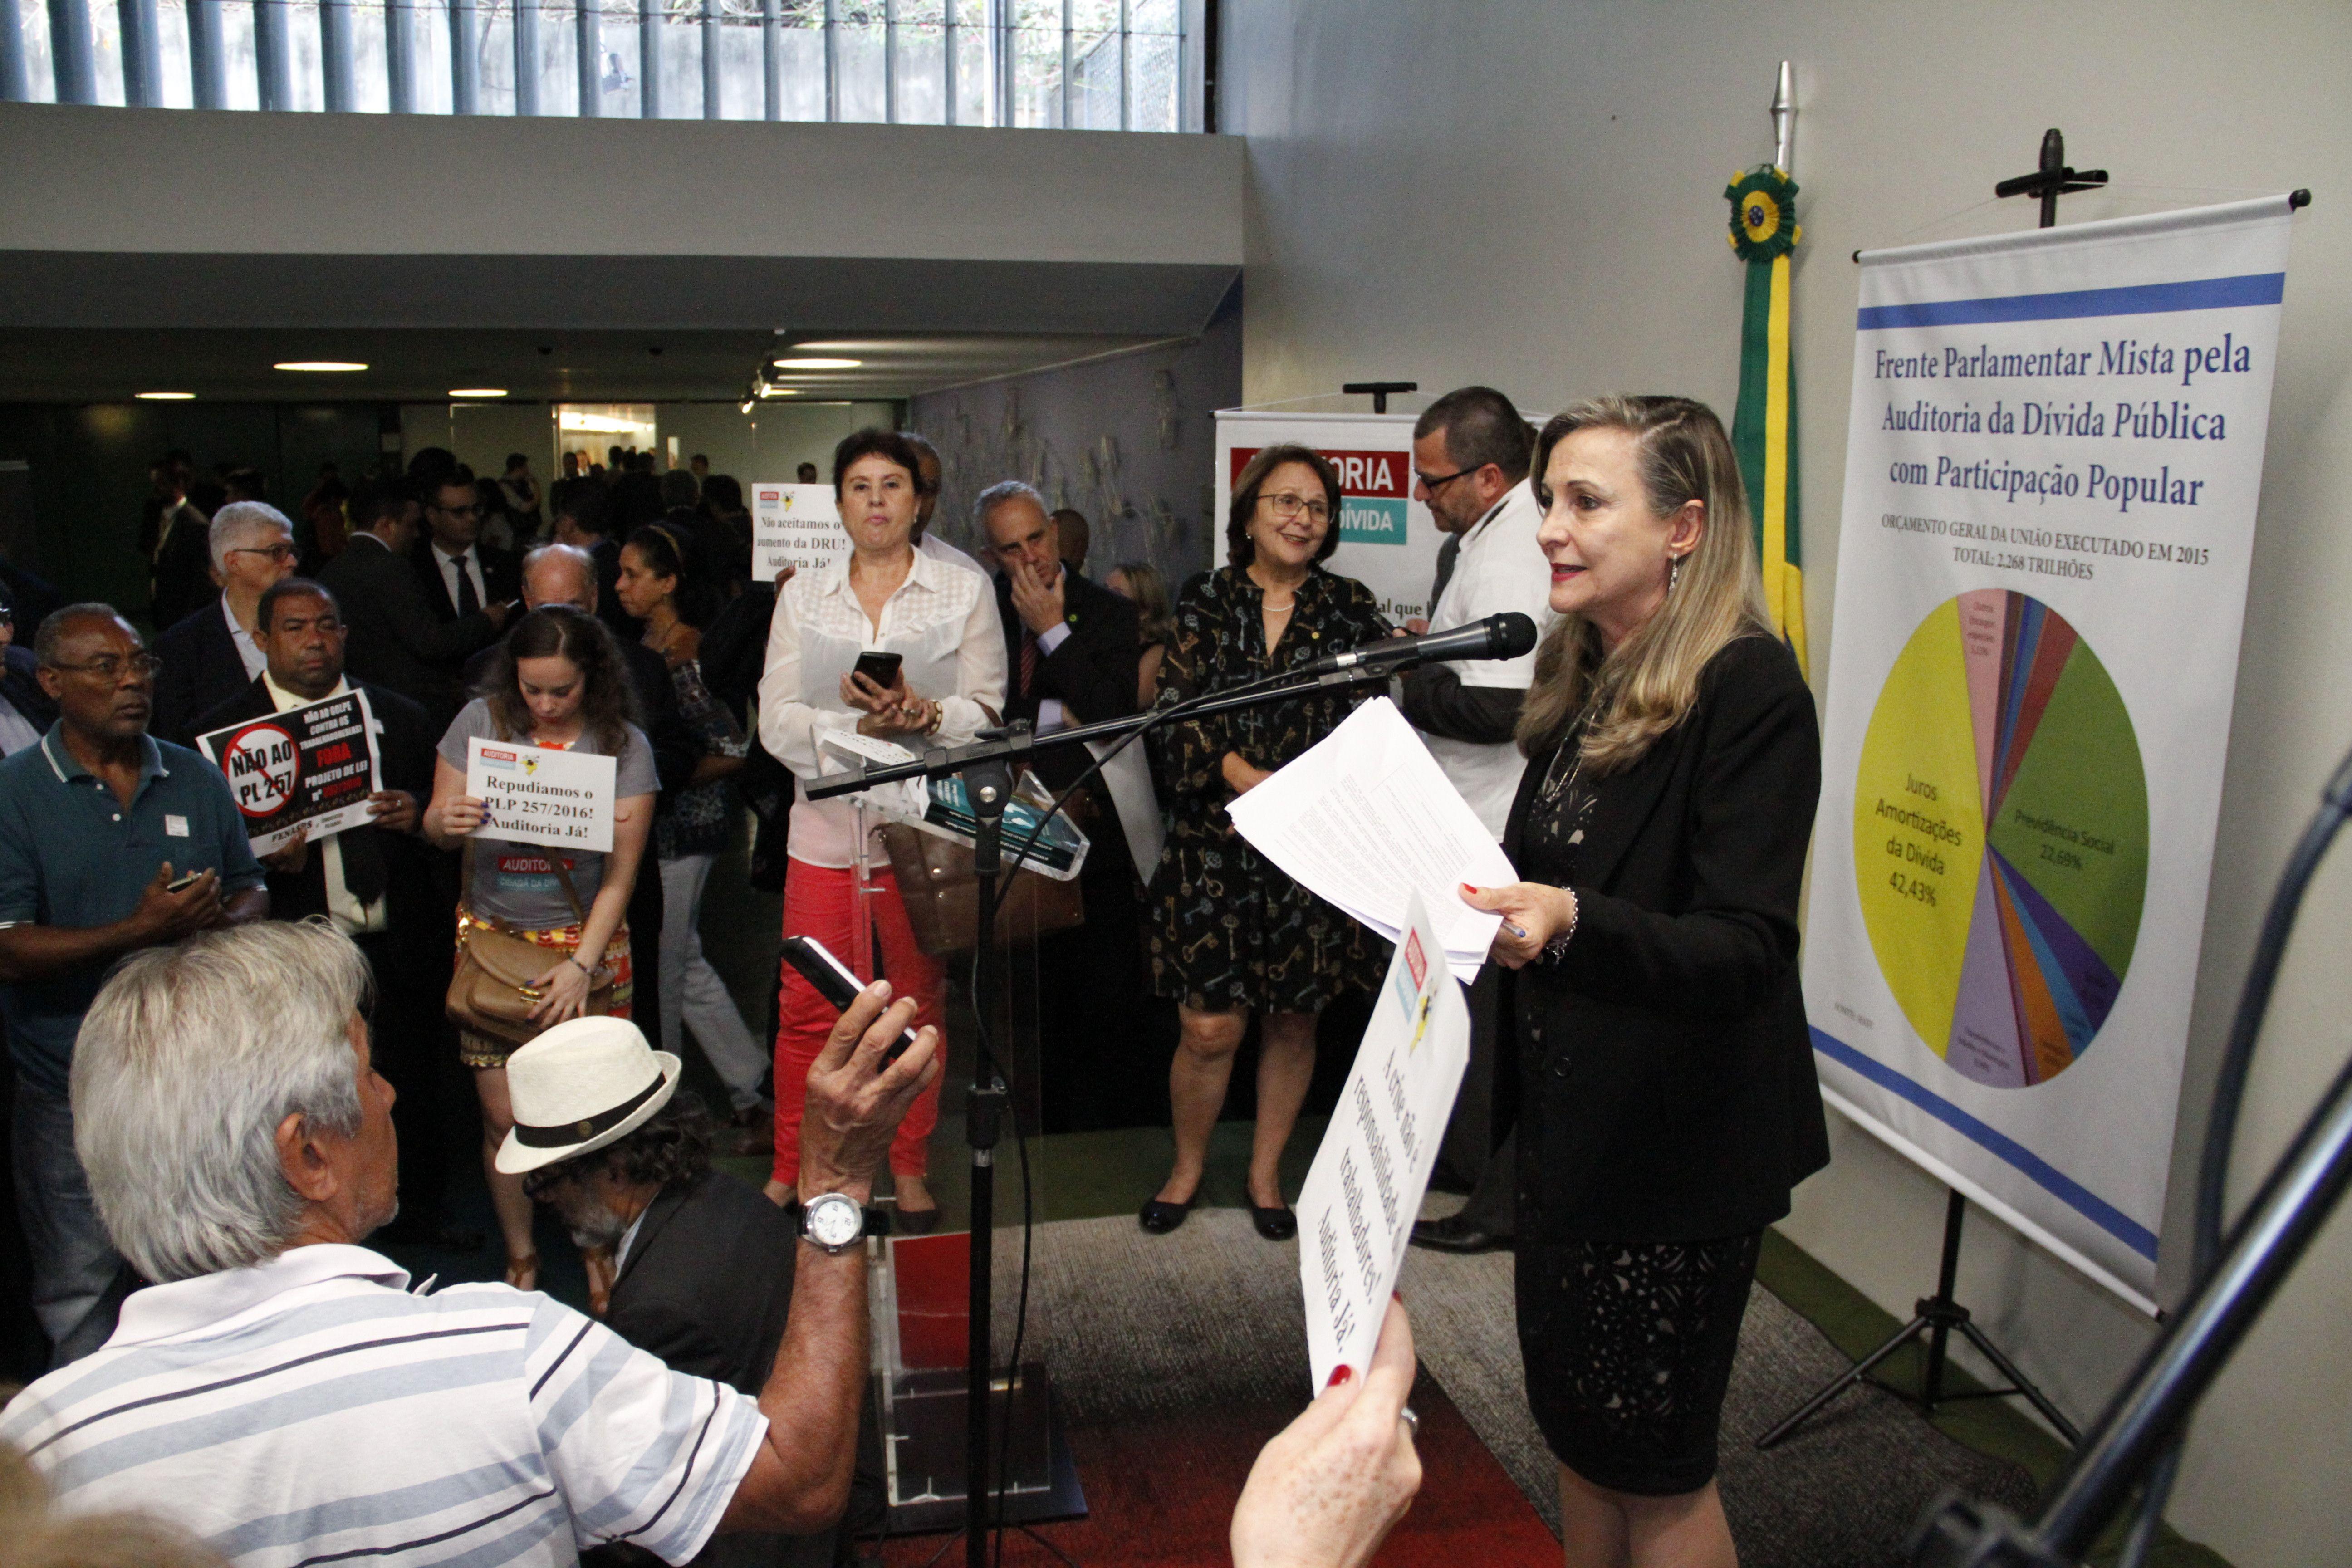 Frente Parlamentar de Auditoria da Dívida Pública é lançada na Câmara dos Deputados - SINDIPOL / DF